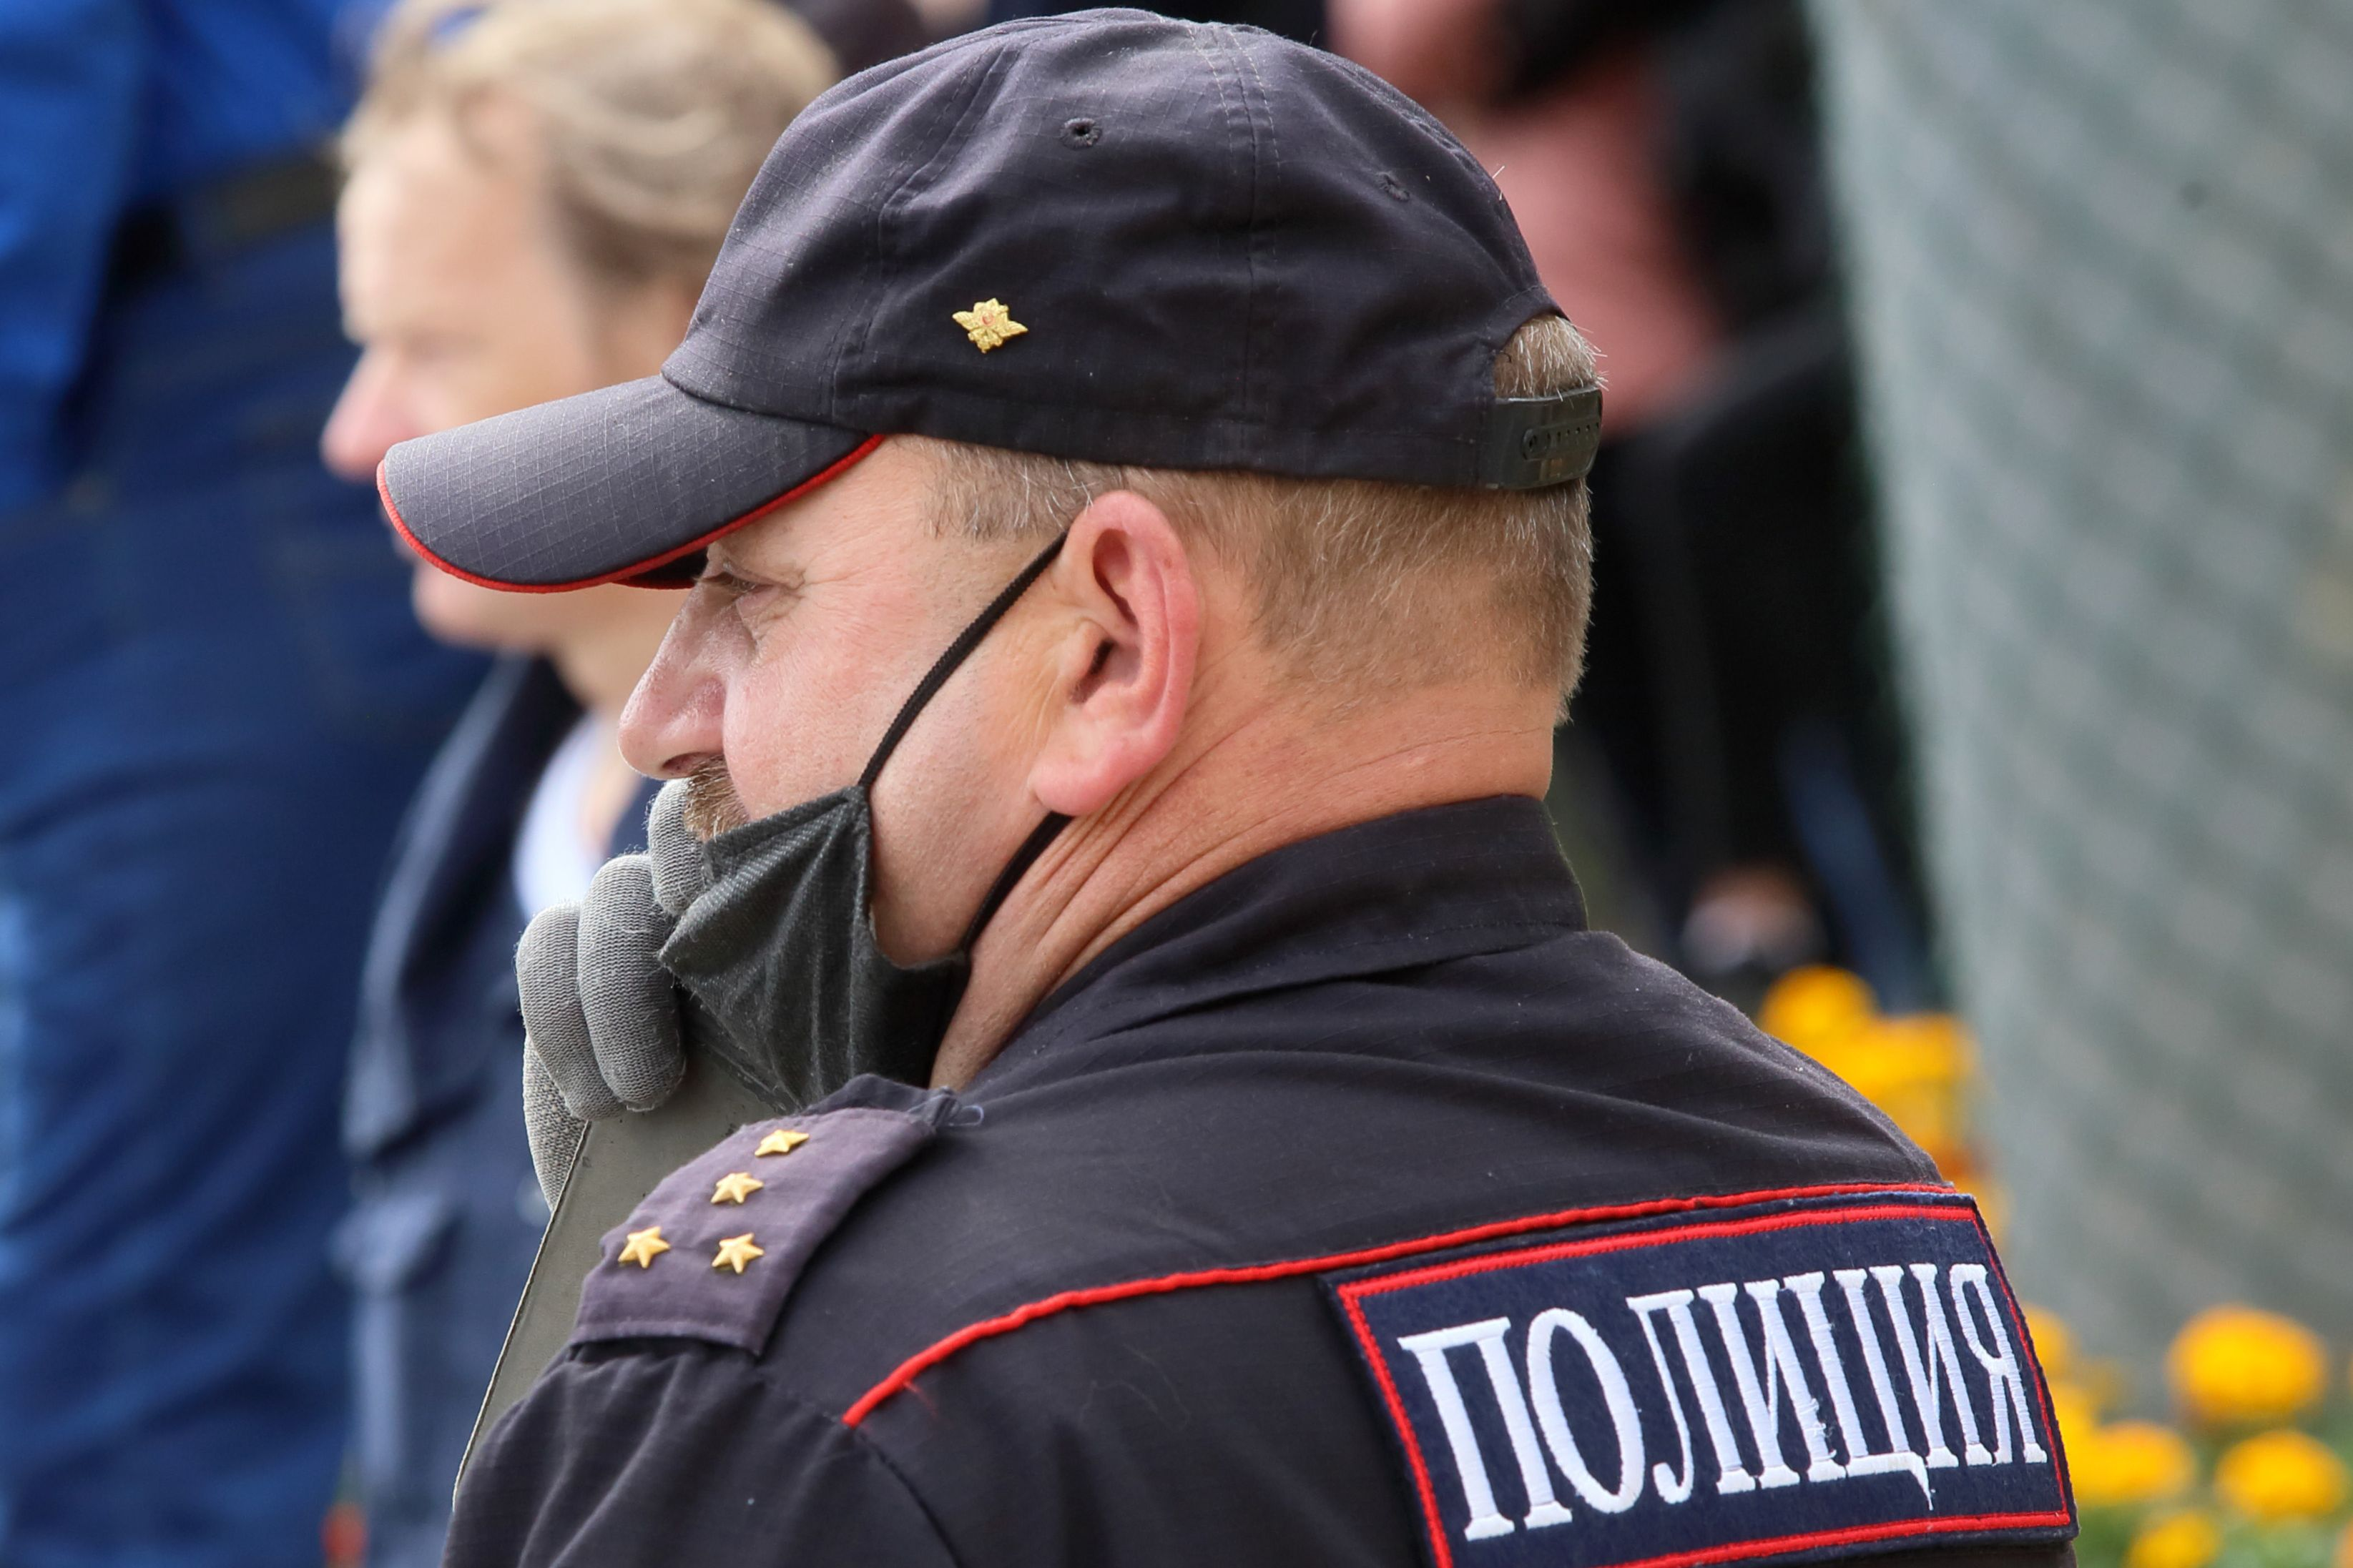 Друг Харитонова, на которого напал Яндиев, рассказал, почему примирился с обидчиком